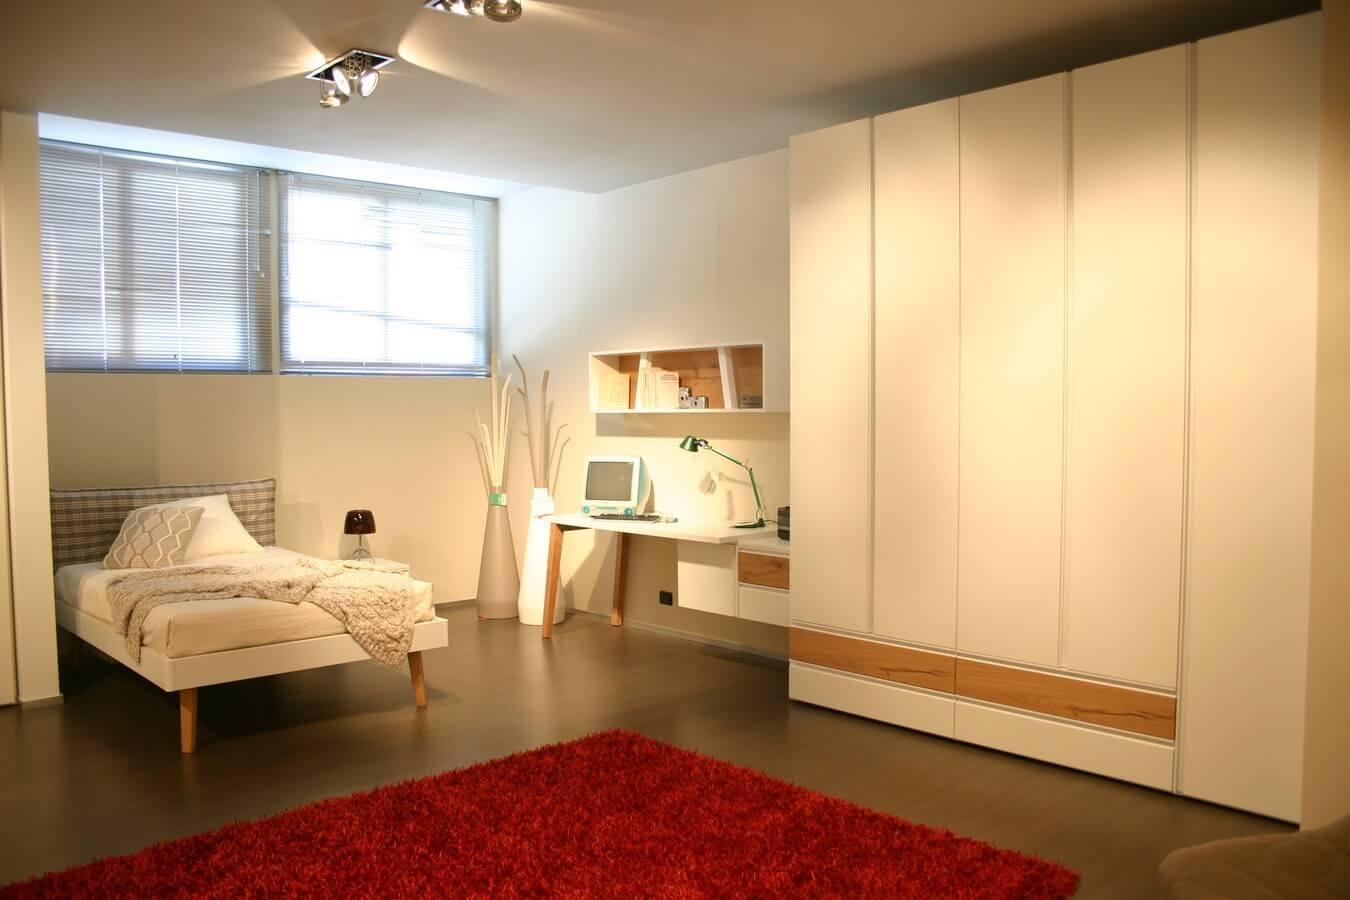 promozione camerette Clever con armadio, scrivania, letto da una piazza e mezza in vendita nel nostro negozio di Zogno, Bergamo, consegne anche a Milano